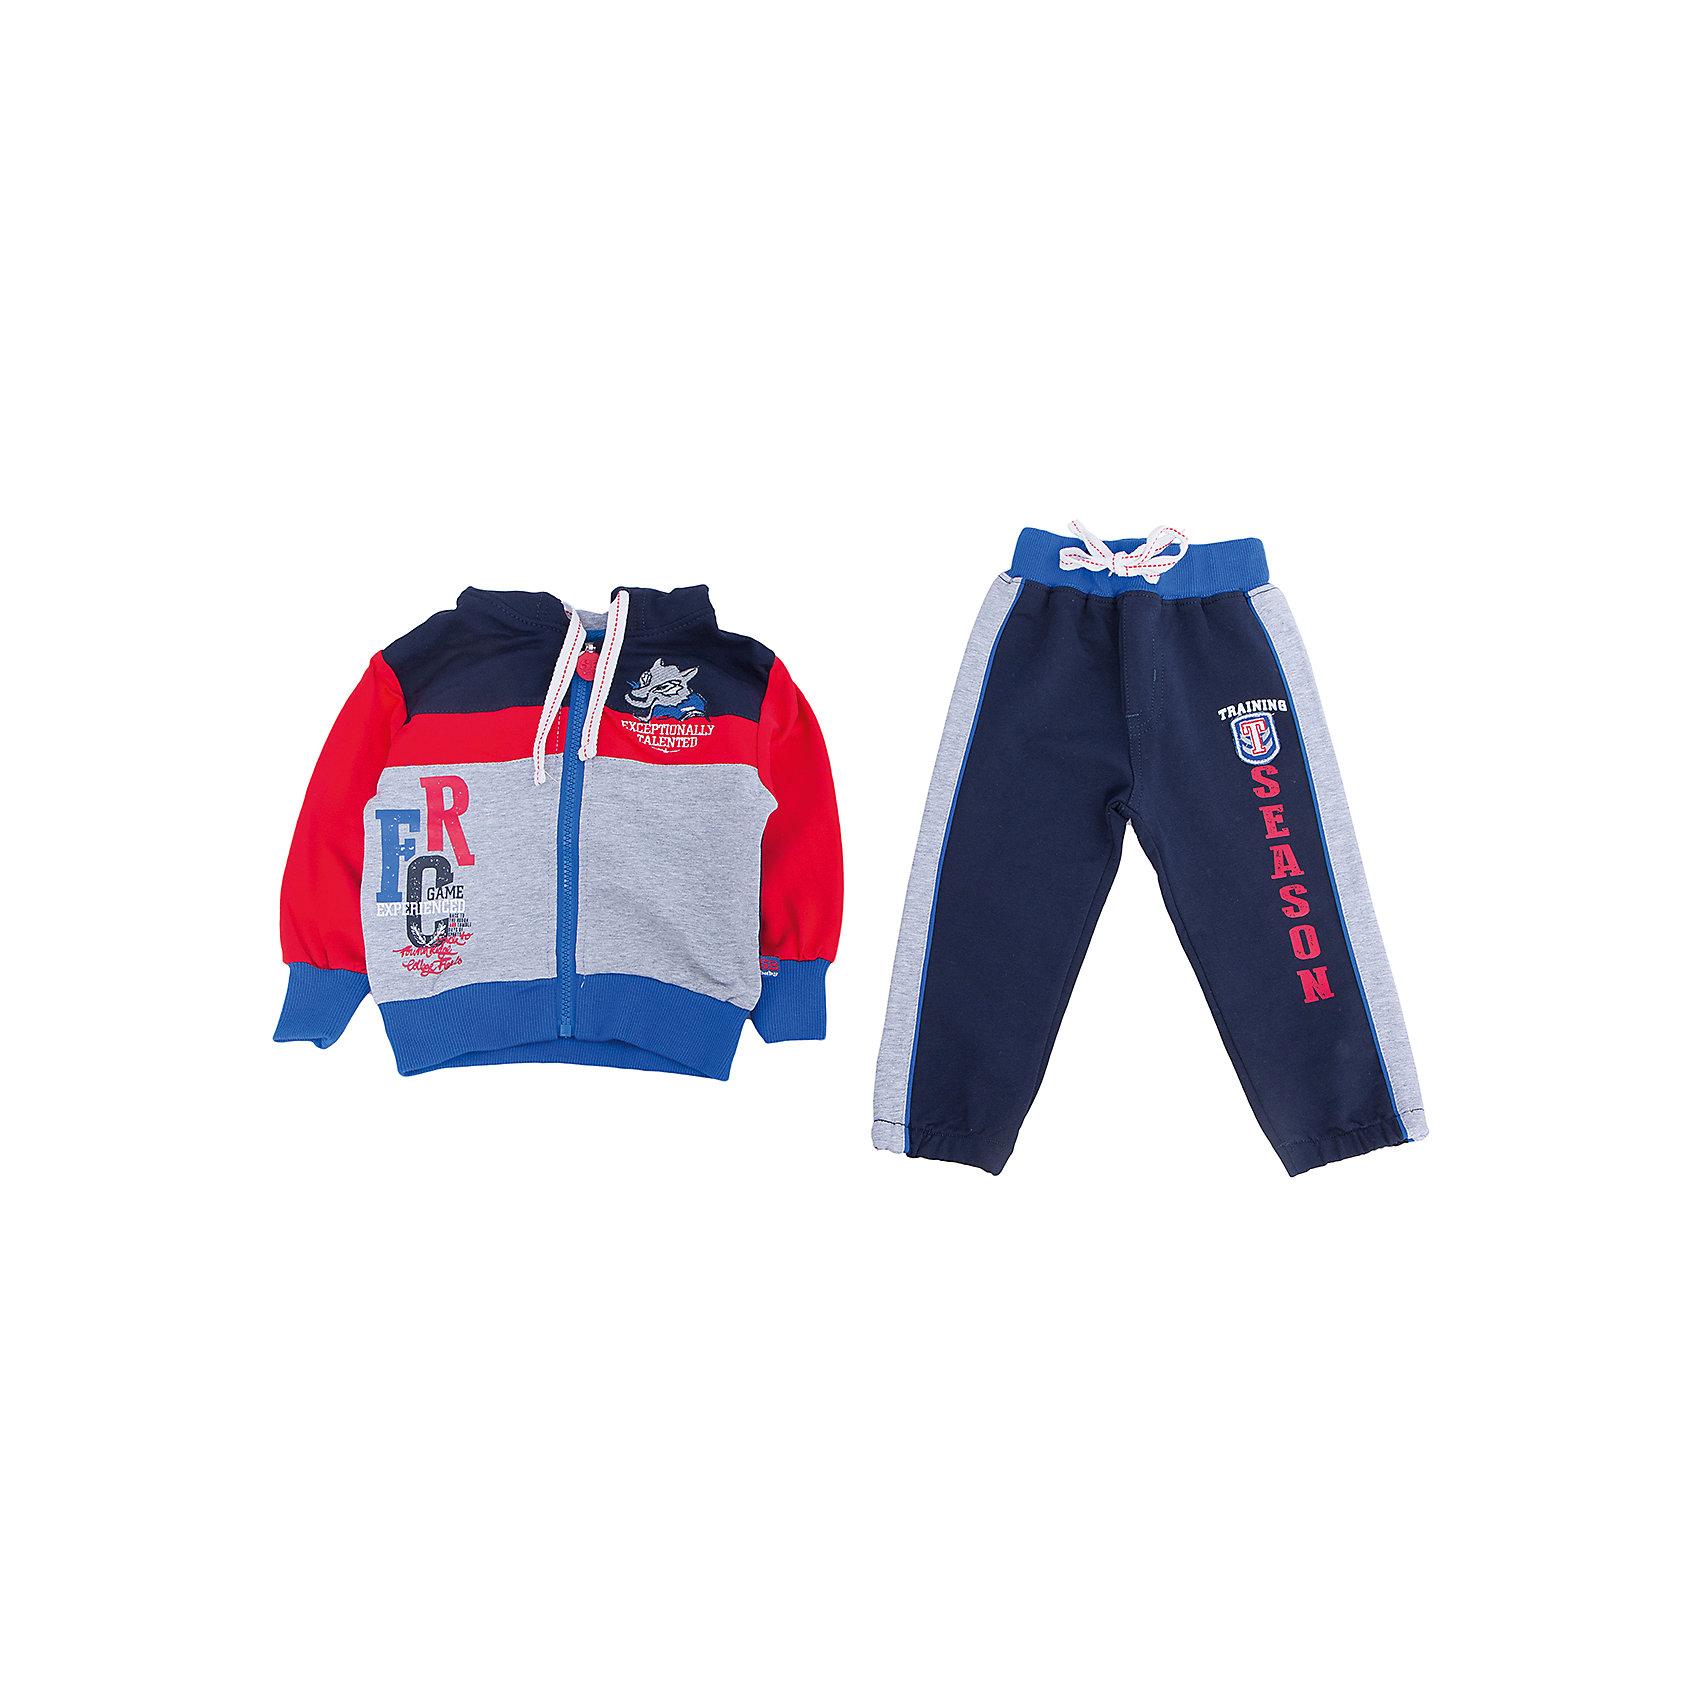 Спортивный костюм для мальчика Sweet BerryКофточки и распашонки<br>Спортивный костюм для мальчиков. Толстовка комбинирована из разных цветов. Украшена шевроном и принтом. Брюки на поясе с трикотажной резинкой, регулир<br>Состав:<br>95% хлопок 5% эластан<br><br>Ширина мм: 247<br>Глубина мм: 16<br>Высота мм: 140<br>Вес г: 225<br>Цвет: красный/синий<br>Возраст от месяцев: 12<br>Возраст до месяцев: 15<br>Пол: Мужской<br>Возраст: Детский<br>Размер: 80,98,92,86<br>SKU: 4929962